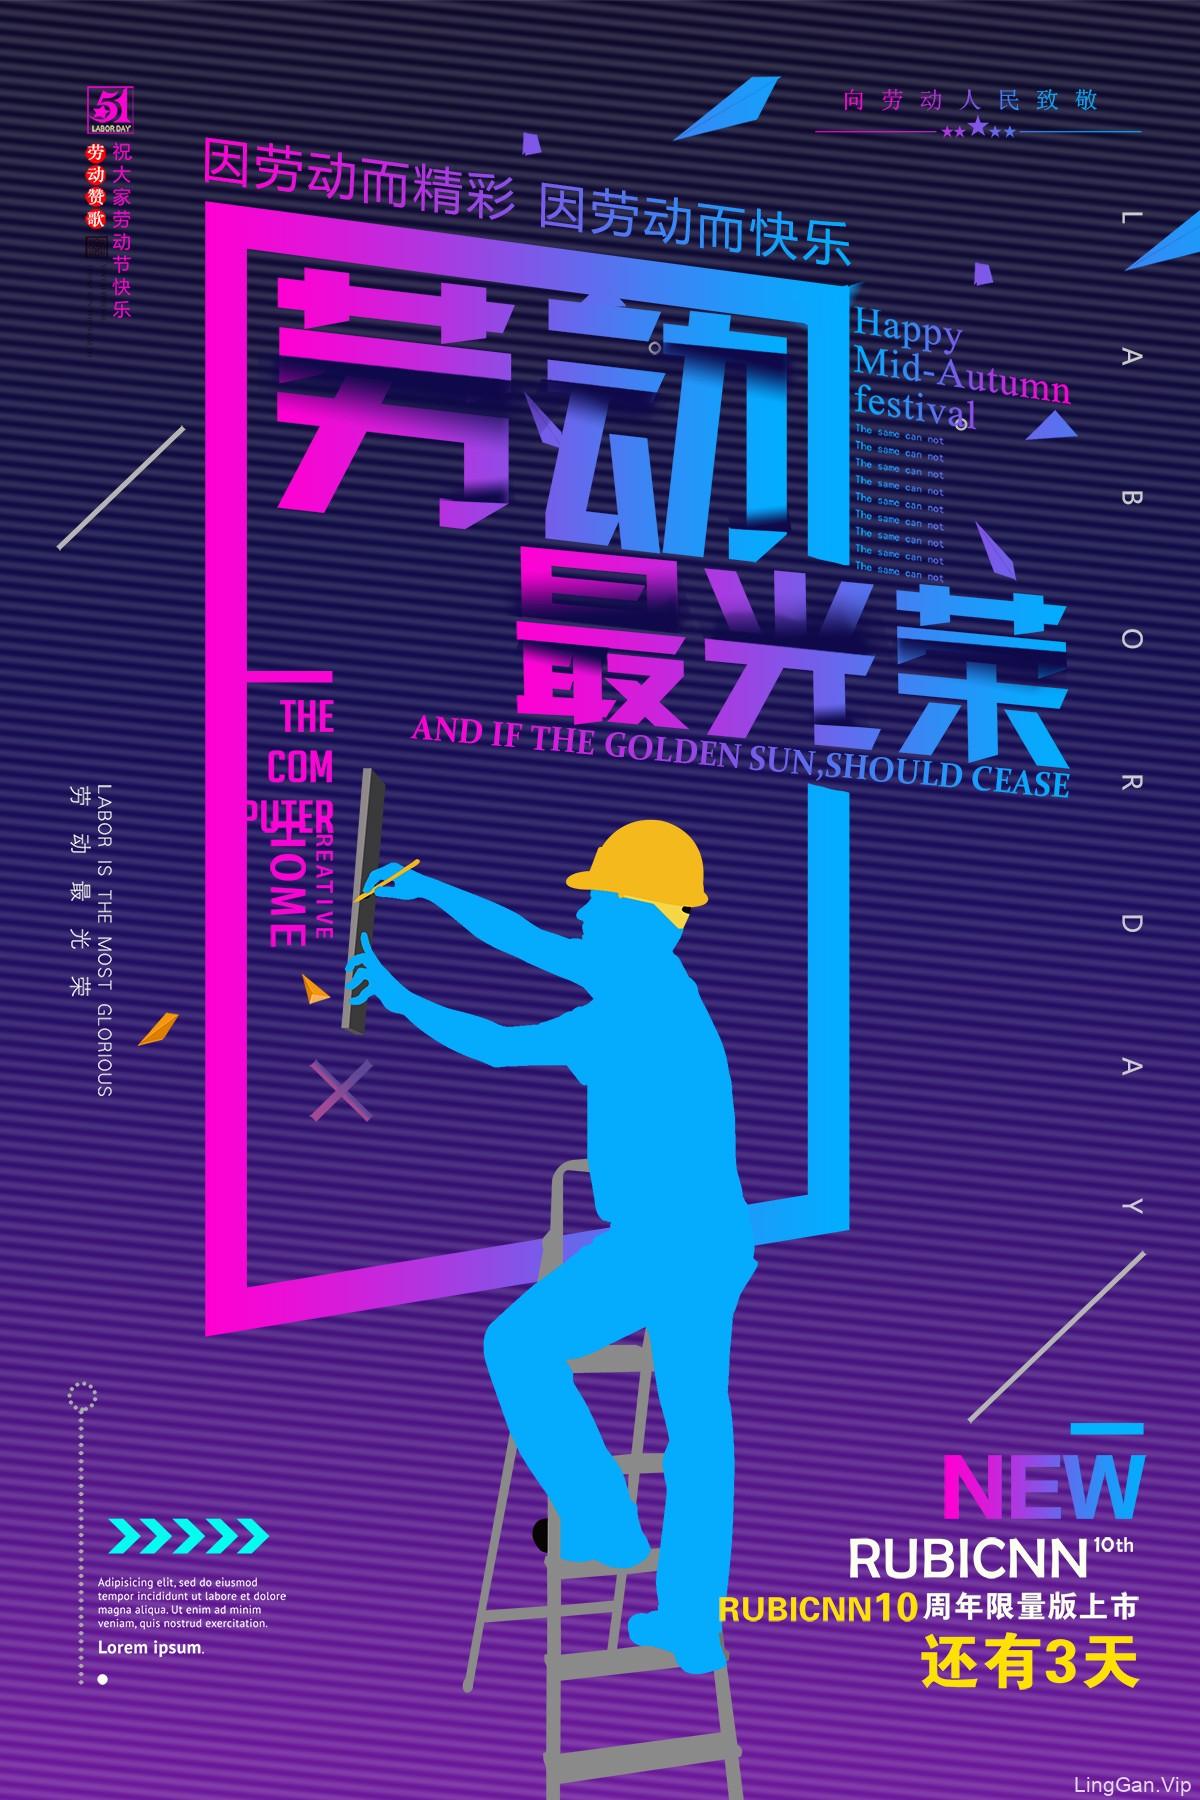 五一劳动节电商海报设计作品(附PSD源文件下载)